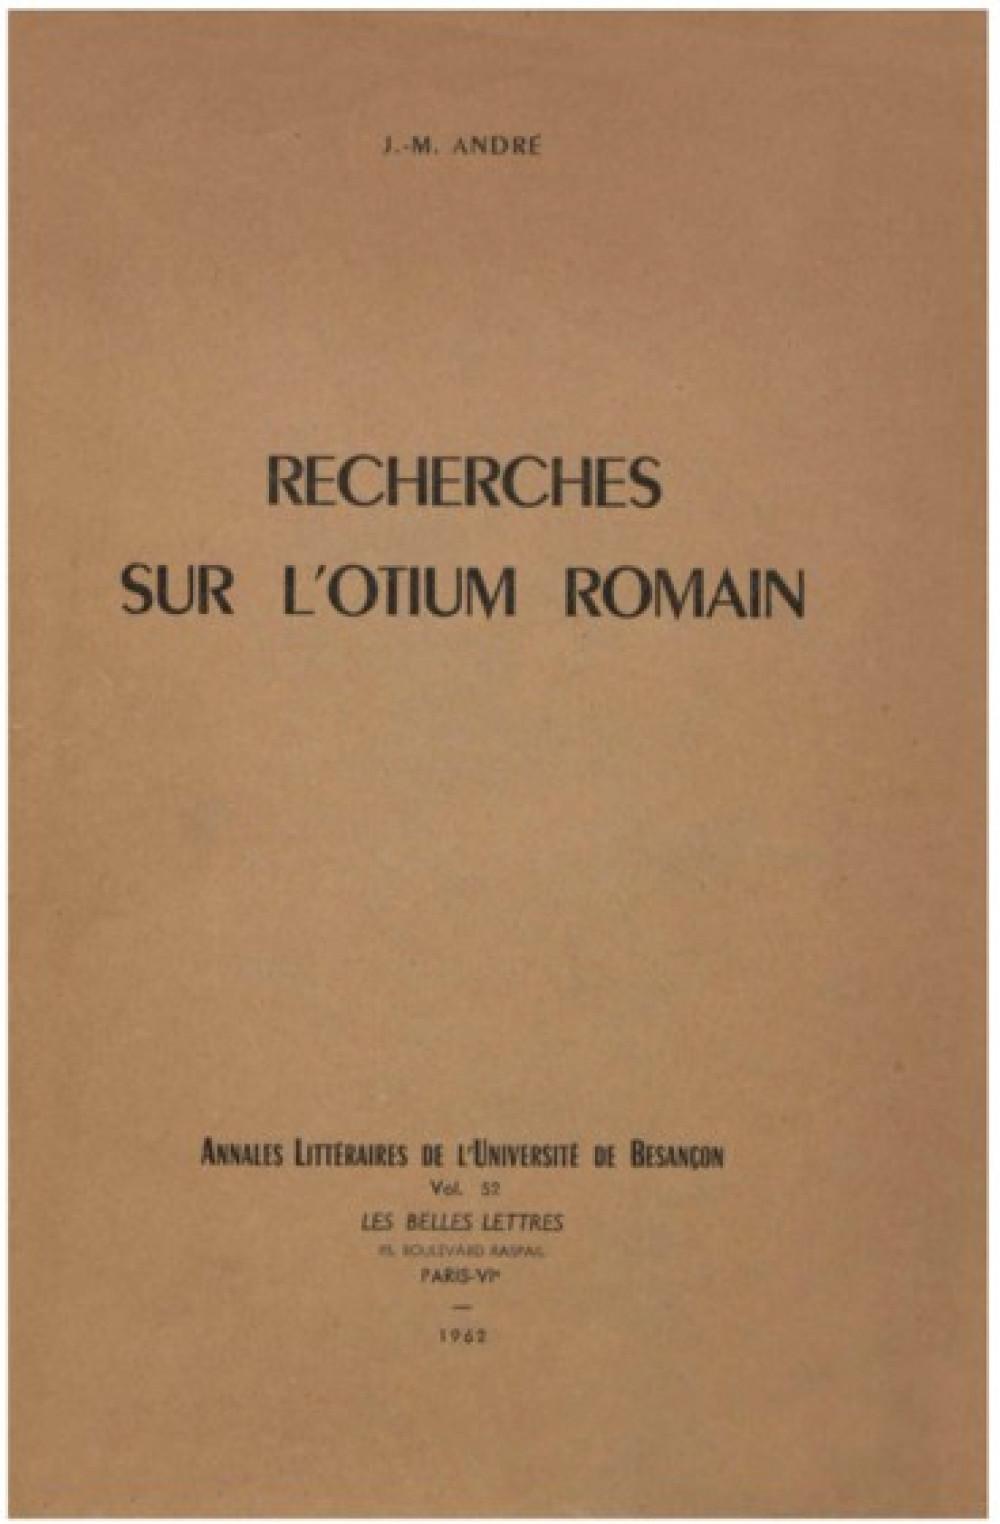 Recherches sur l'otium romain